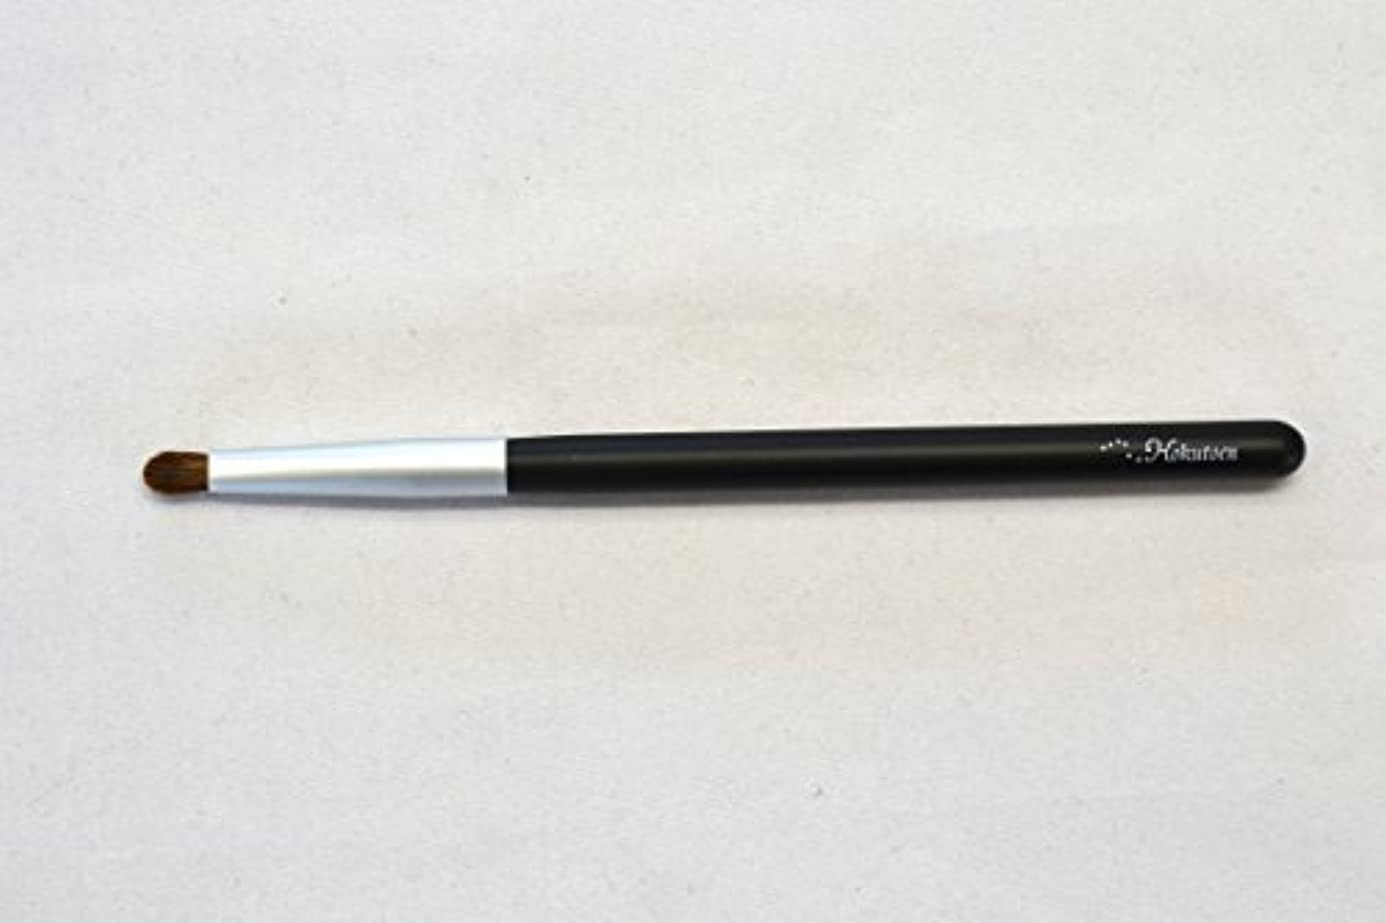 地上でライム毎月熊野筆 北斗園 Kシリーズ シャドウライナーブラシ(黒銀)